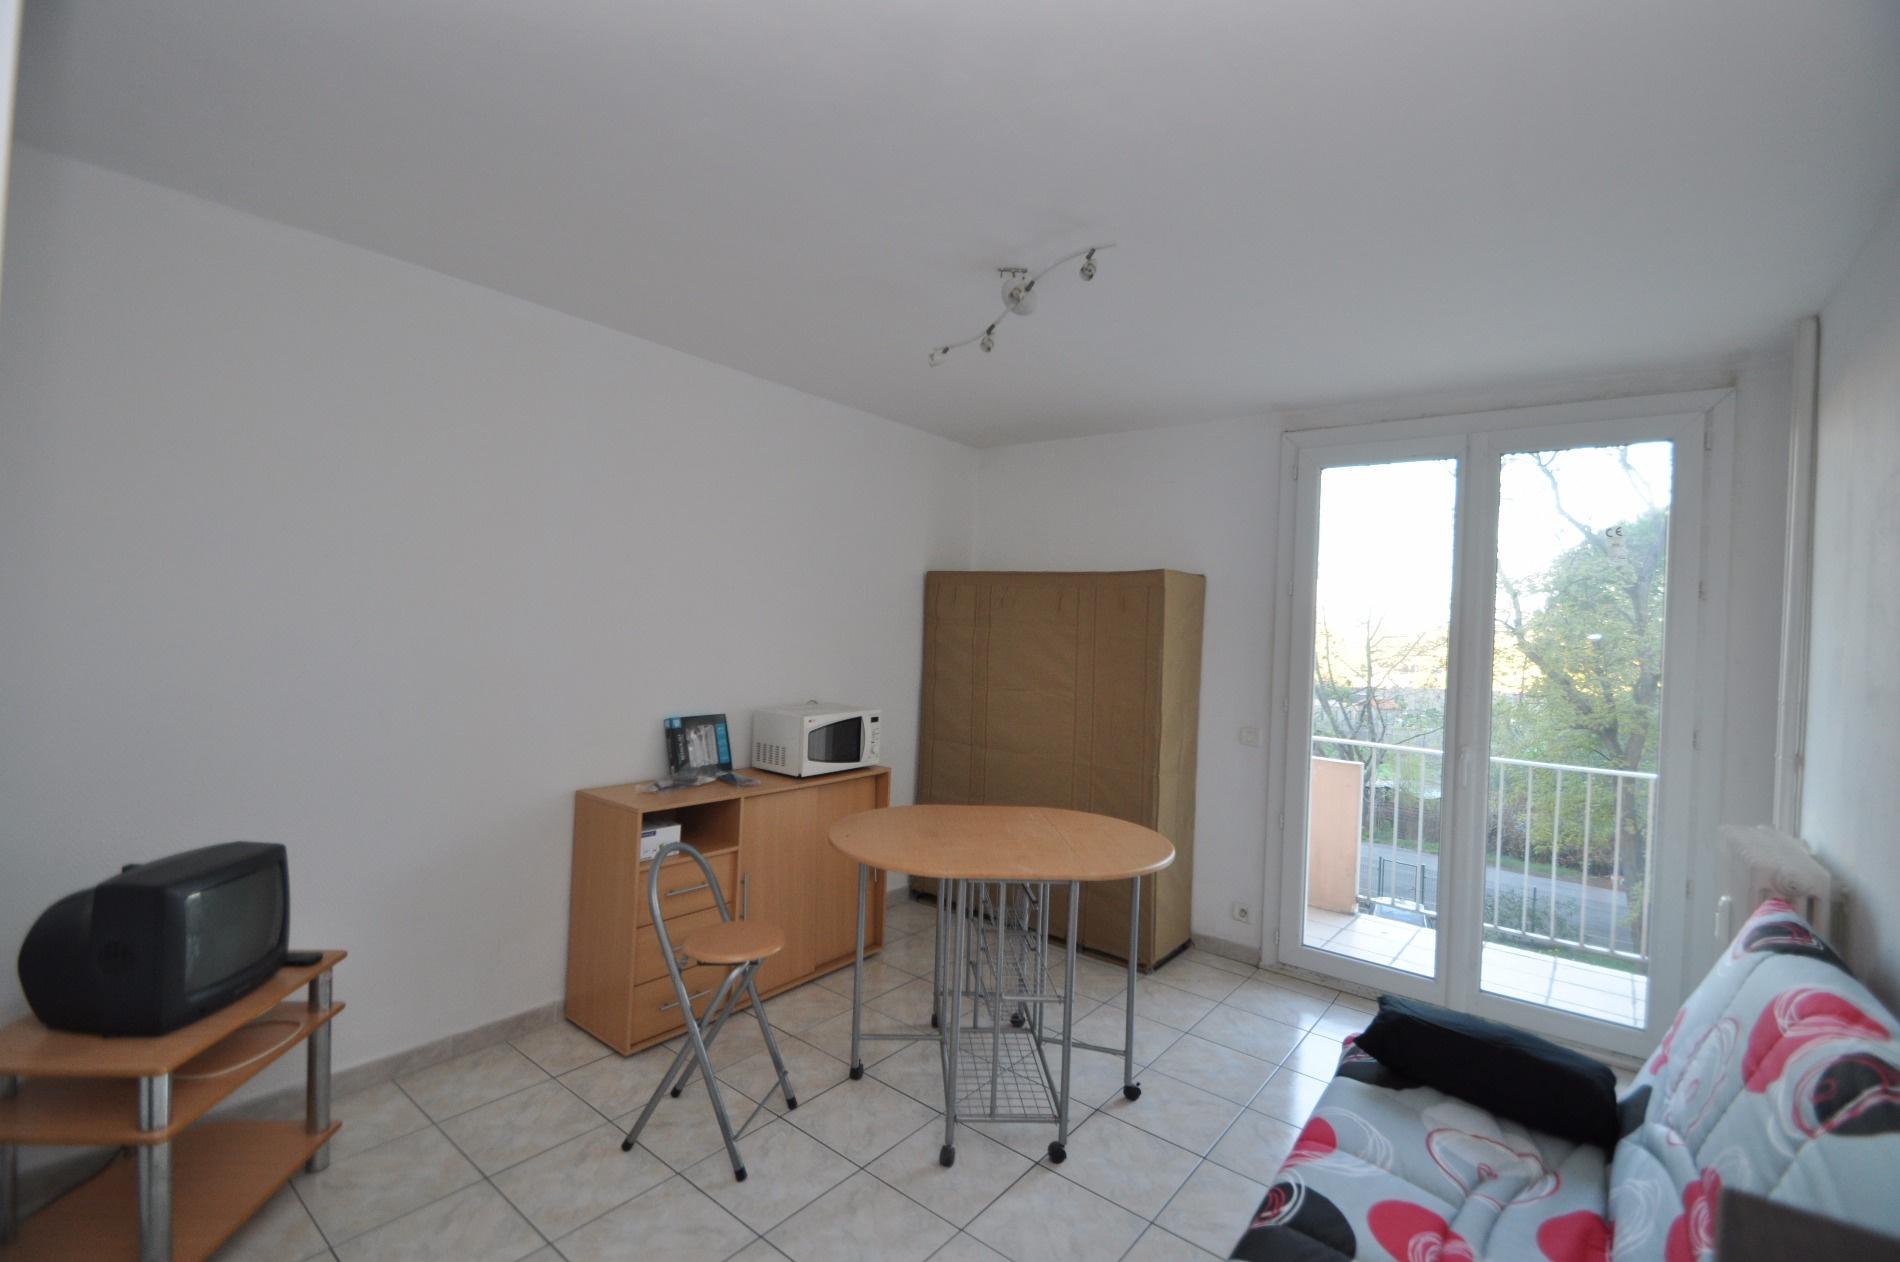 Location studio meuble perpignan quartier les platanes studio de 20 m avec balcon et place de - Location studio meuble perpignan ...